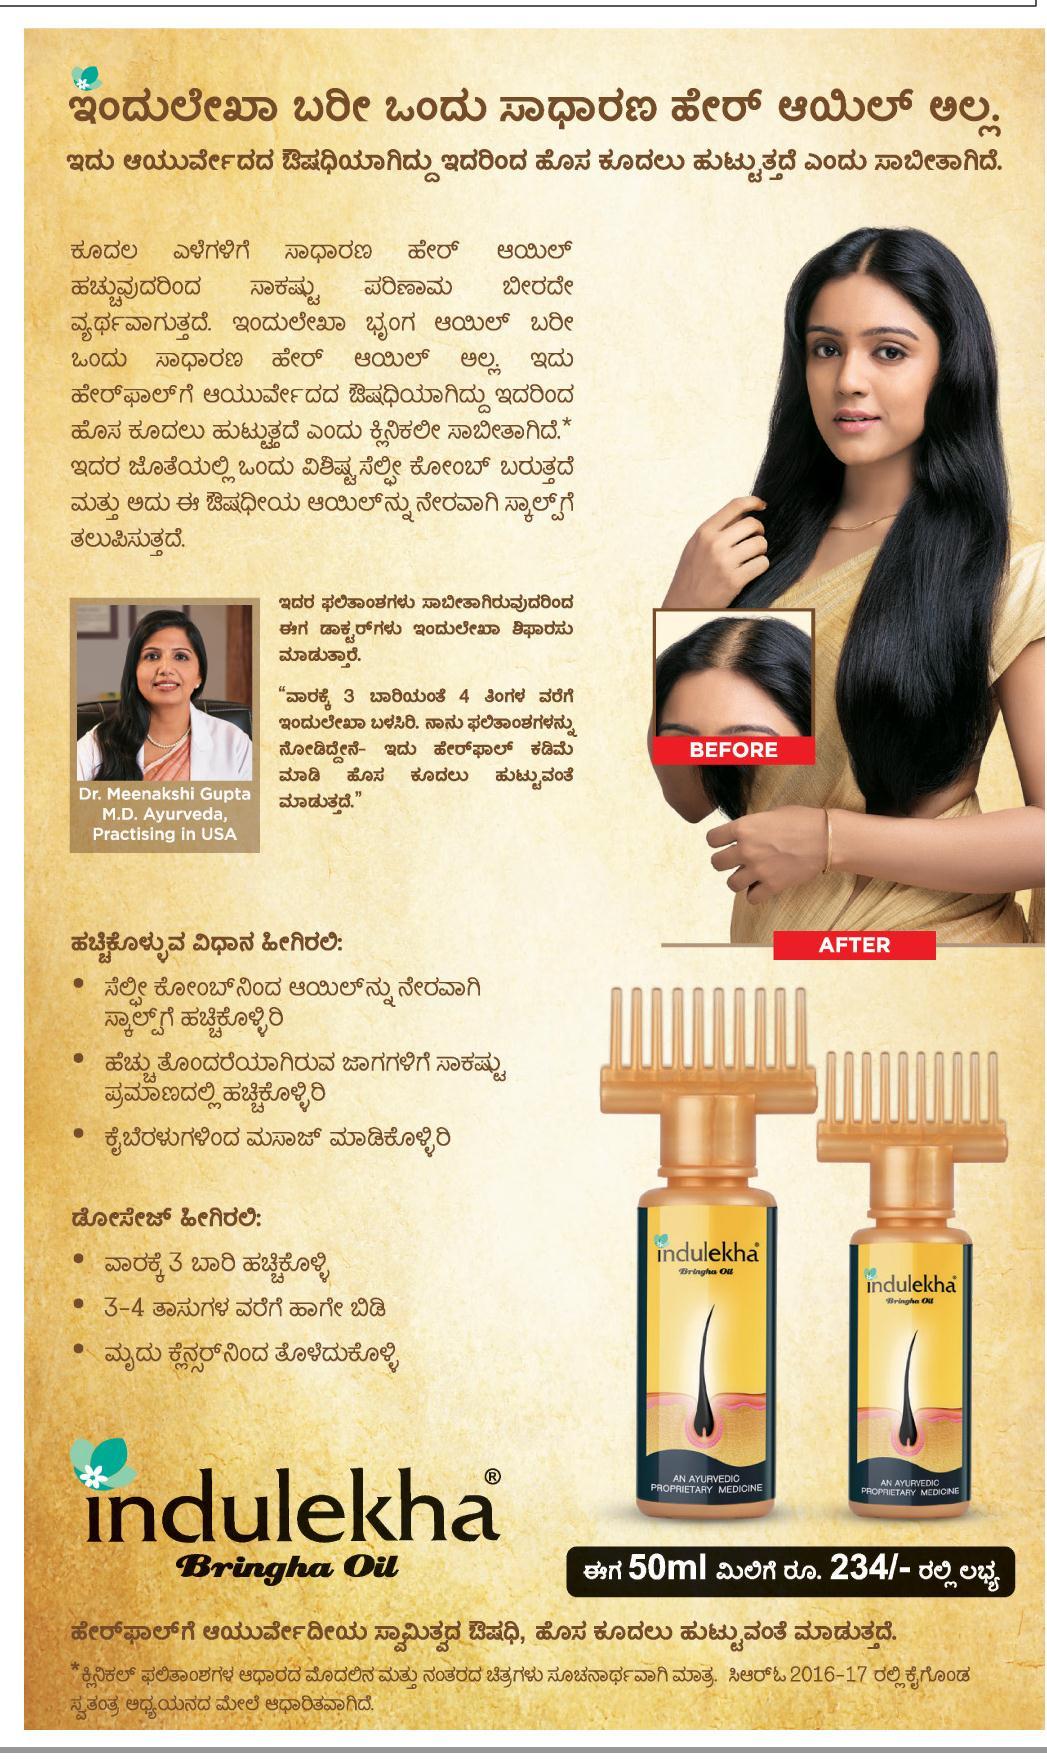 Indulekha ad in vijay karnataka kannada newspaper hyderabad for Bureau meaning in tamil